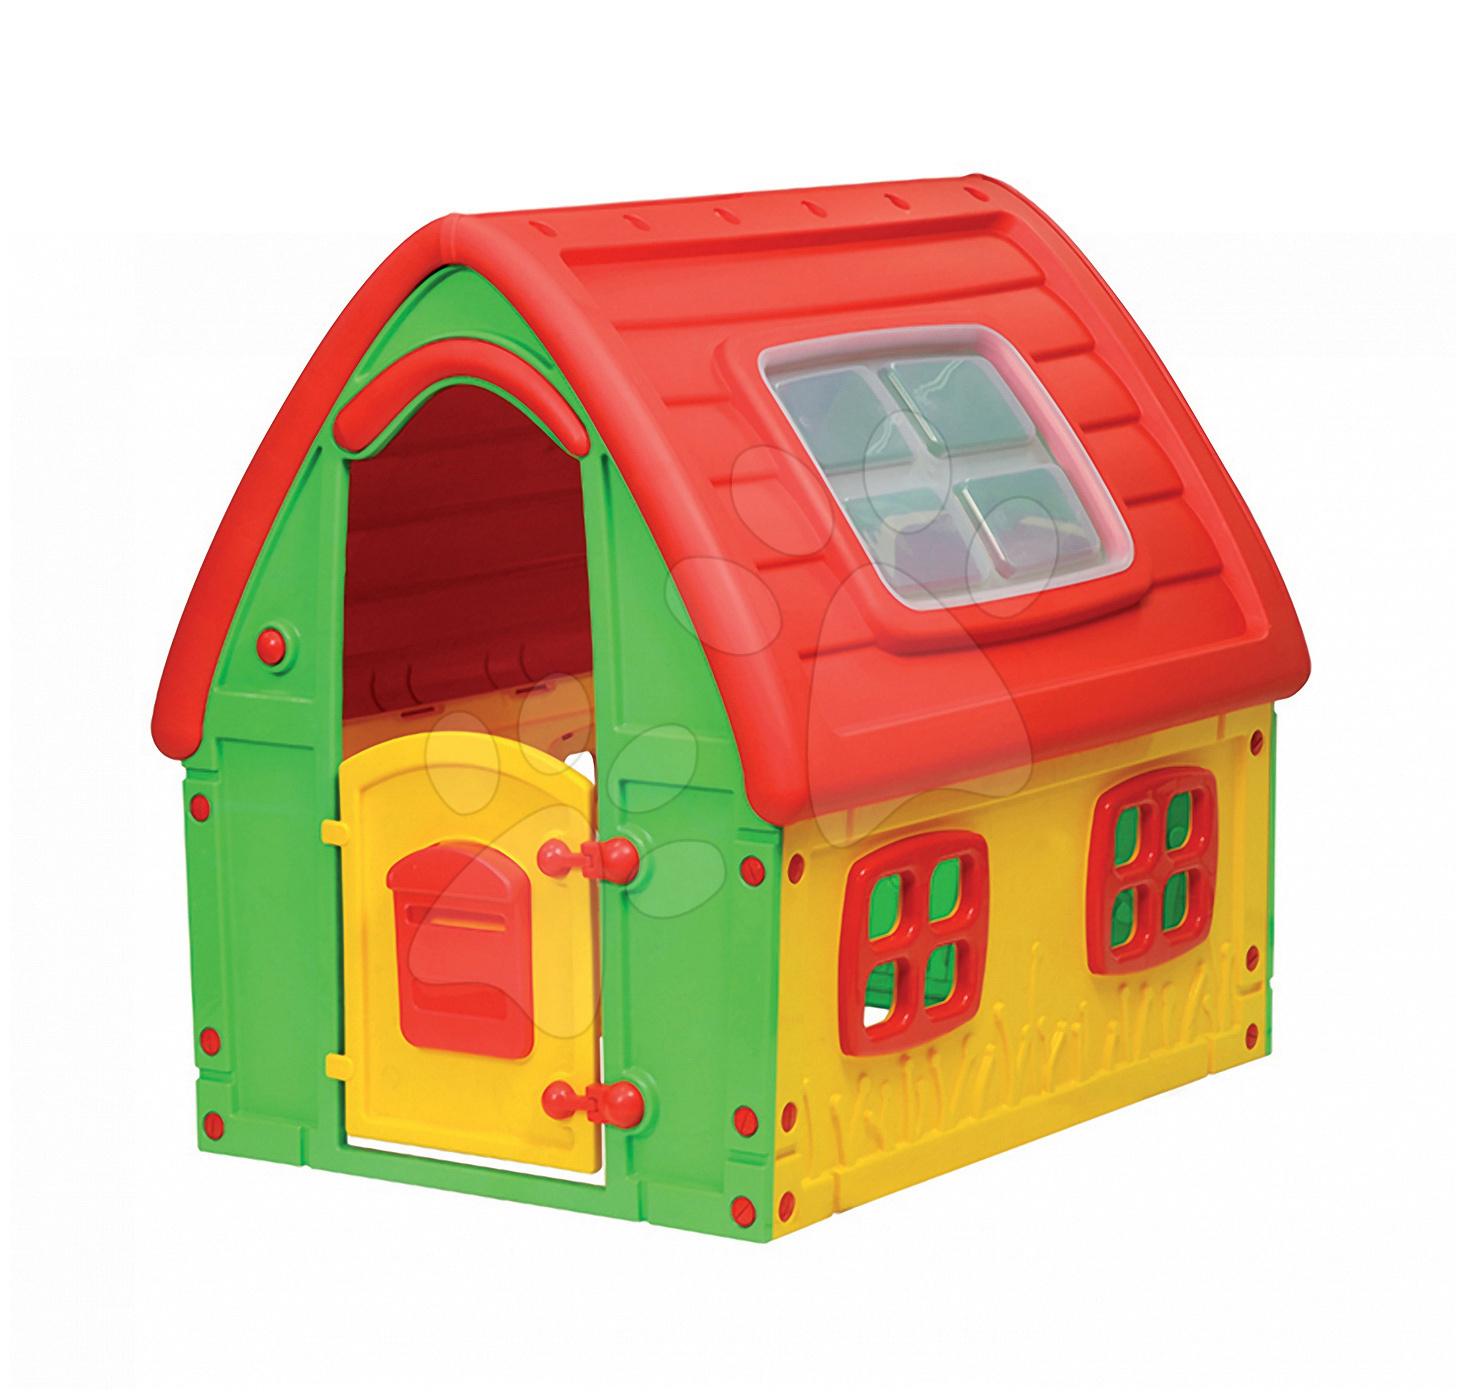 Házikó Fairy House Starplast piros-zöld 24 hó-tól